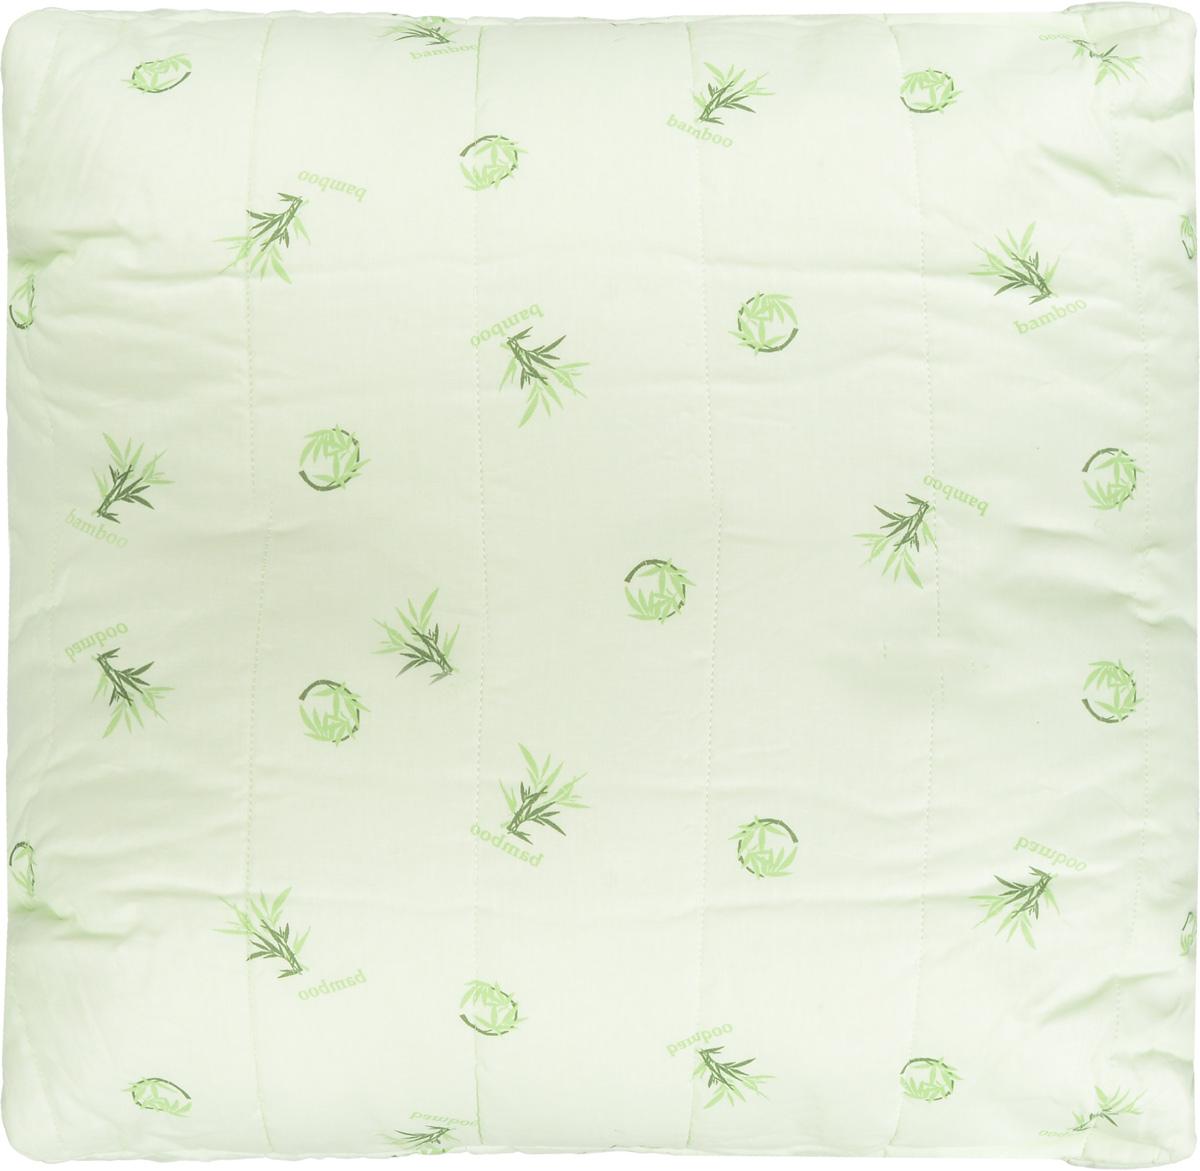 """Подушка Легкие сны """"Бамбук"""" подарит комфорт и уют во  время сна. Чехол выполнен из 100% хлопка. Волокно бамбука - это натуральный материал, добываемый из  стеблей растения. Он обладает способностью быстро  впитывать и испарять влагу, а также антибактериальными  свойствами, что препятствует появлению пылевых клещей и  болезнетворных бактерий.   Изделия с наполнителем из бамбука легко пропускают  воздух, создавая охлаждающий эффект, поэтому им нет  равных в жару. Они отличаются превосходными  дезодорирующими свойствами, мягкие, легкие,  нетребовательны в уходе, гипоаллергенные и подходят  абсолютно всем.  Основные свойства волокна:  - дезодорирующий эффект; - антибактериальные свойства;  - гипоаллергенные свойства.  Подушку можно стирать в стиральной машине.  Степень поддержки: средняя."""